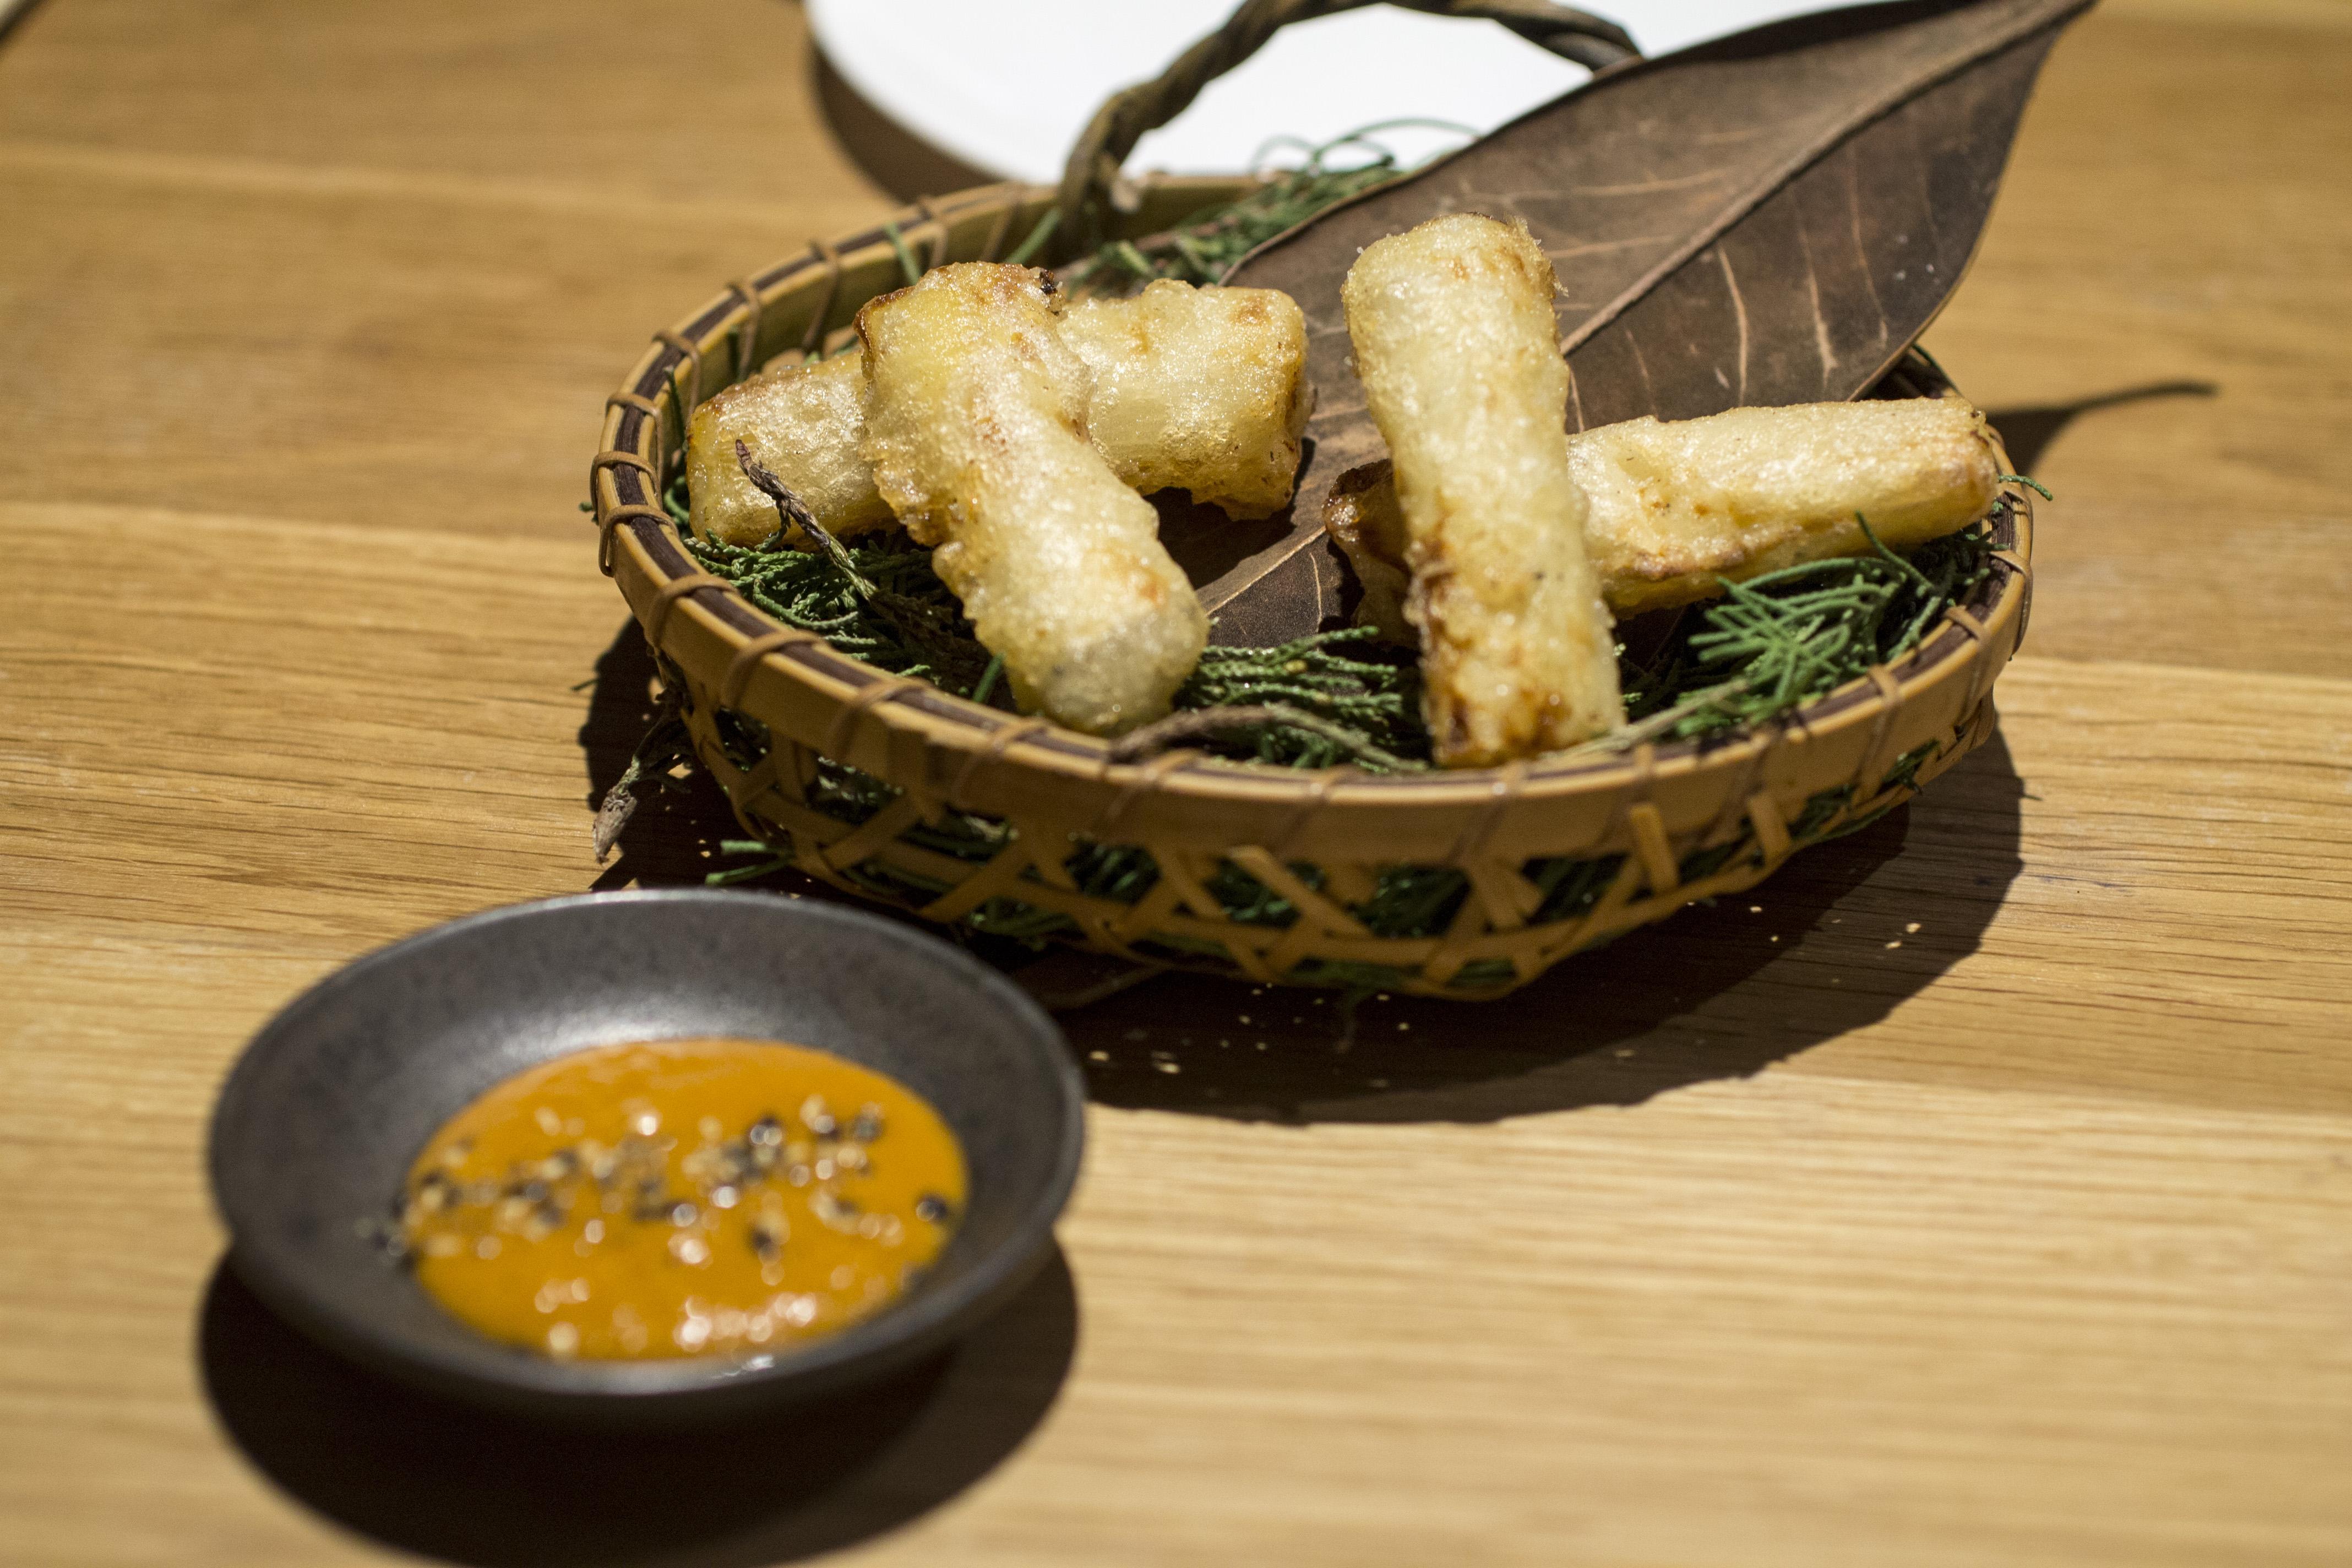 tempura, Pakta, Chef Albert Adrià, Kyoko li, Barcelona